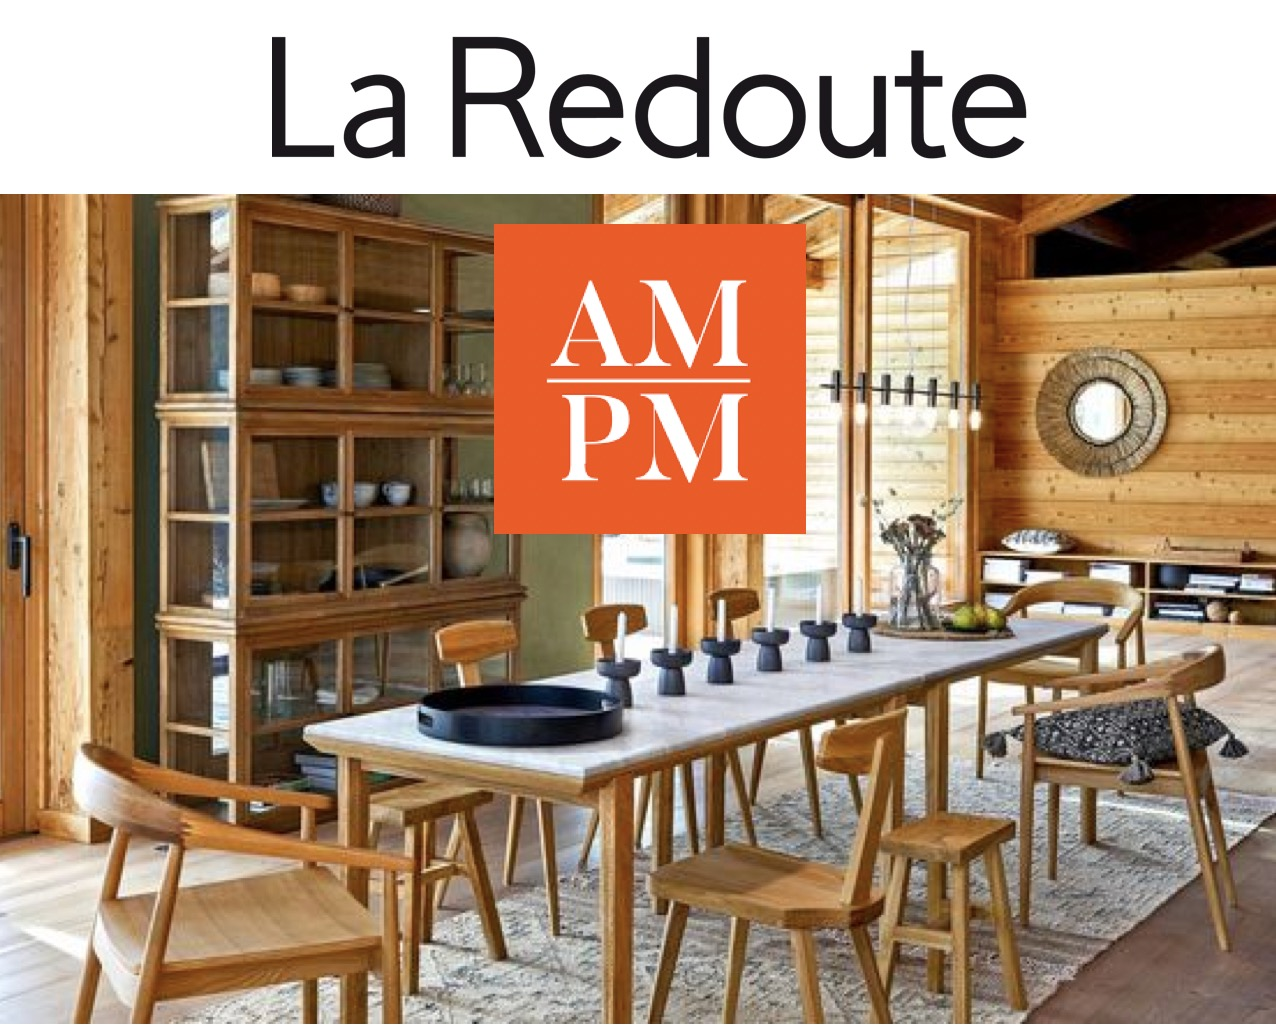 Code promo La Redoute : 50€ offerts par tranche de 250€ sur la collection AM.PM